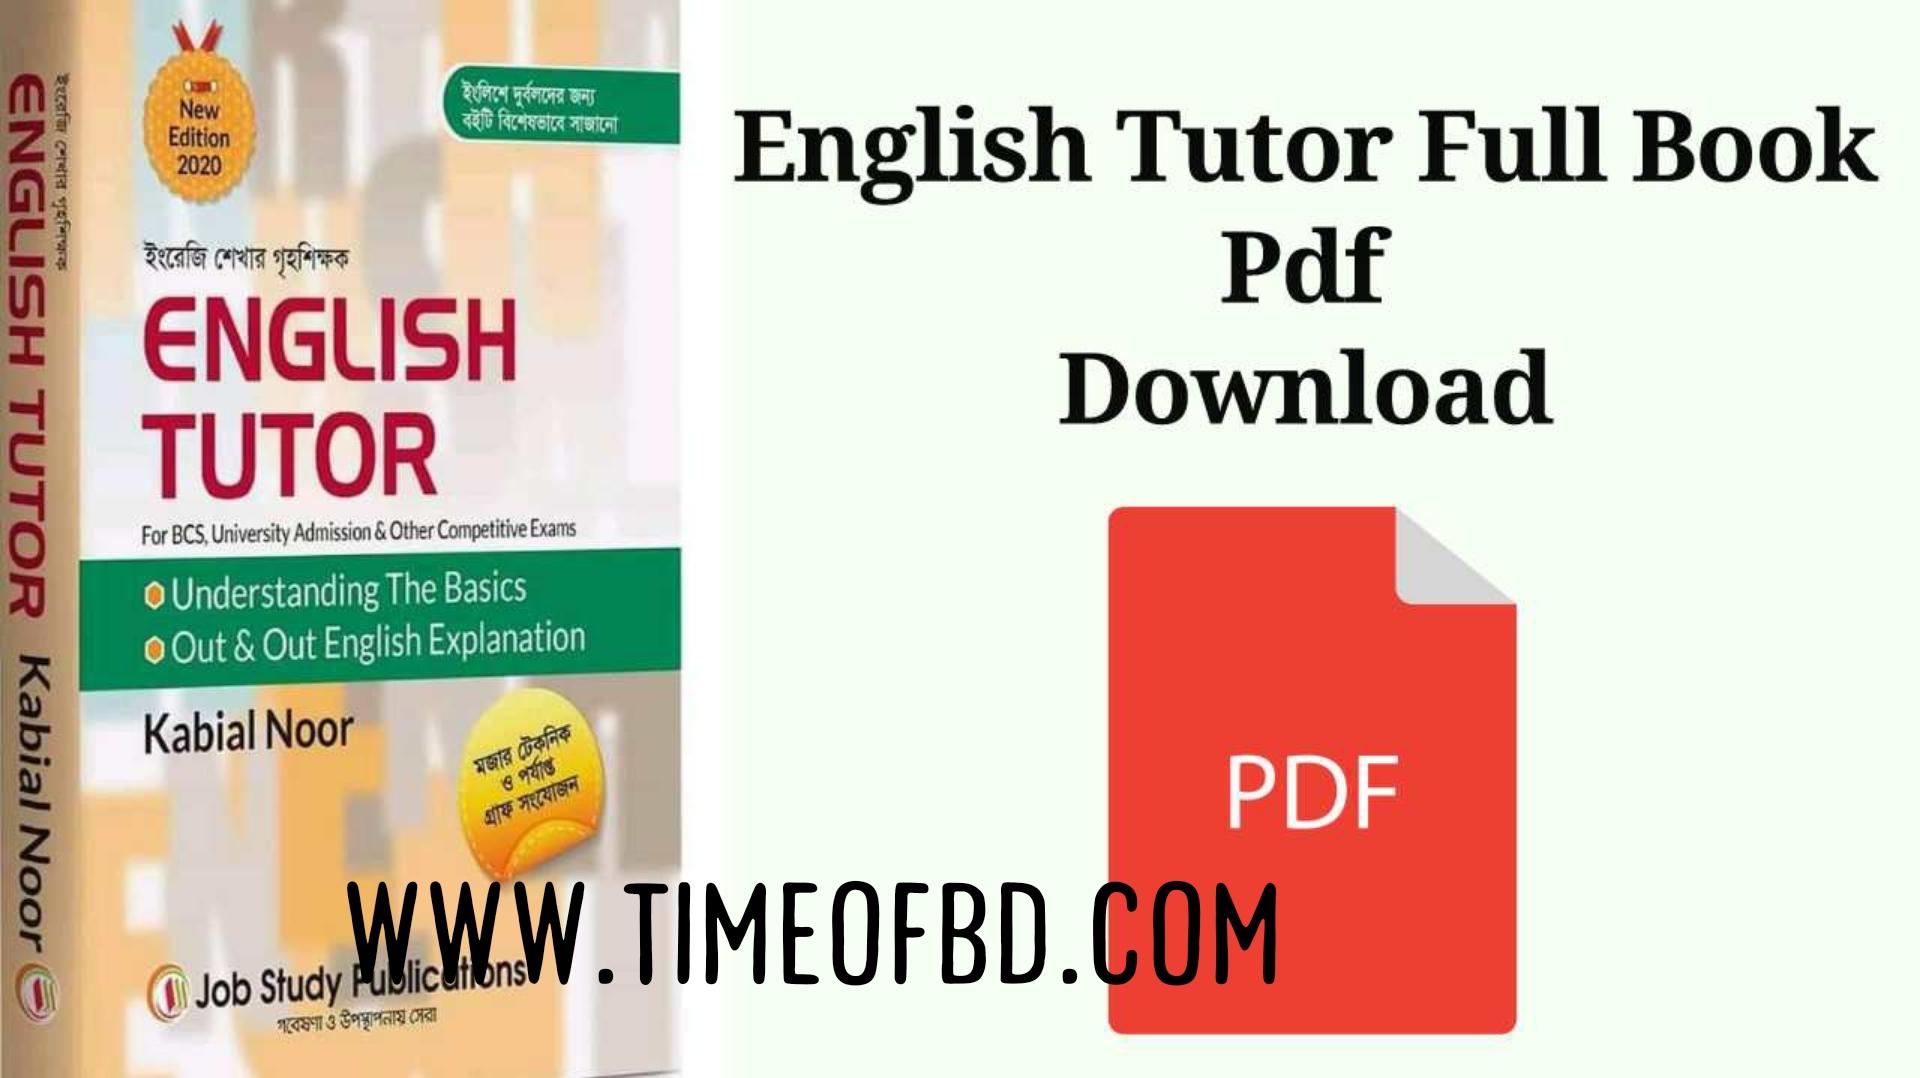 english tutor book pdf file download link, english tutor book pdf file download,english tutor book,english tutor book pdf